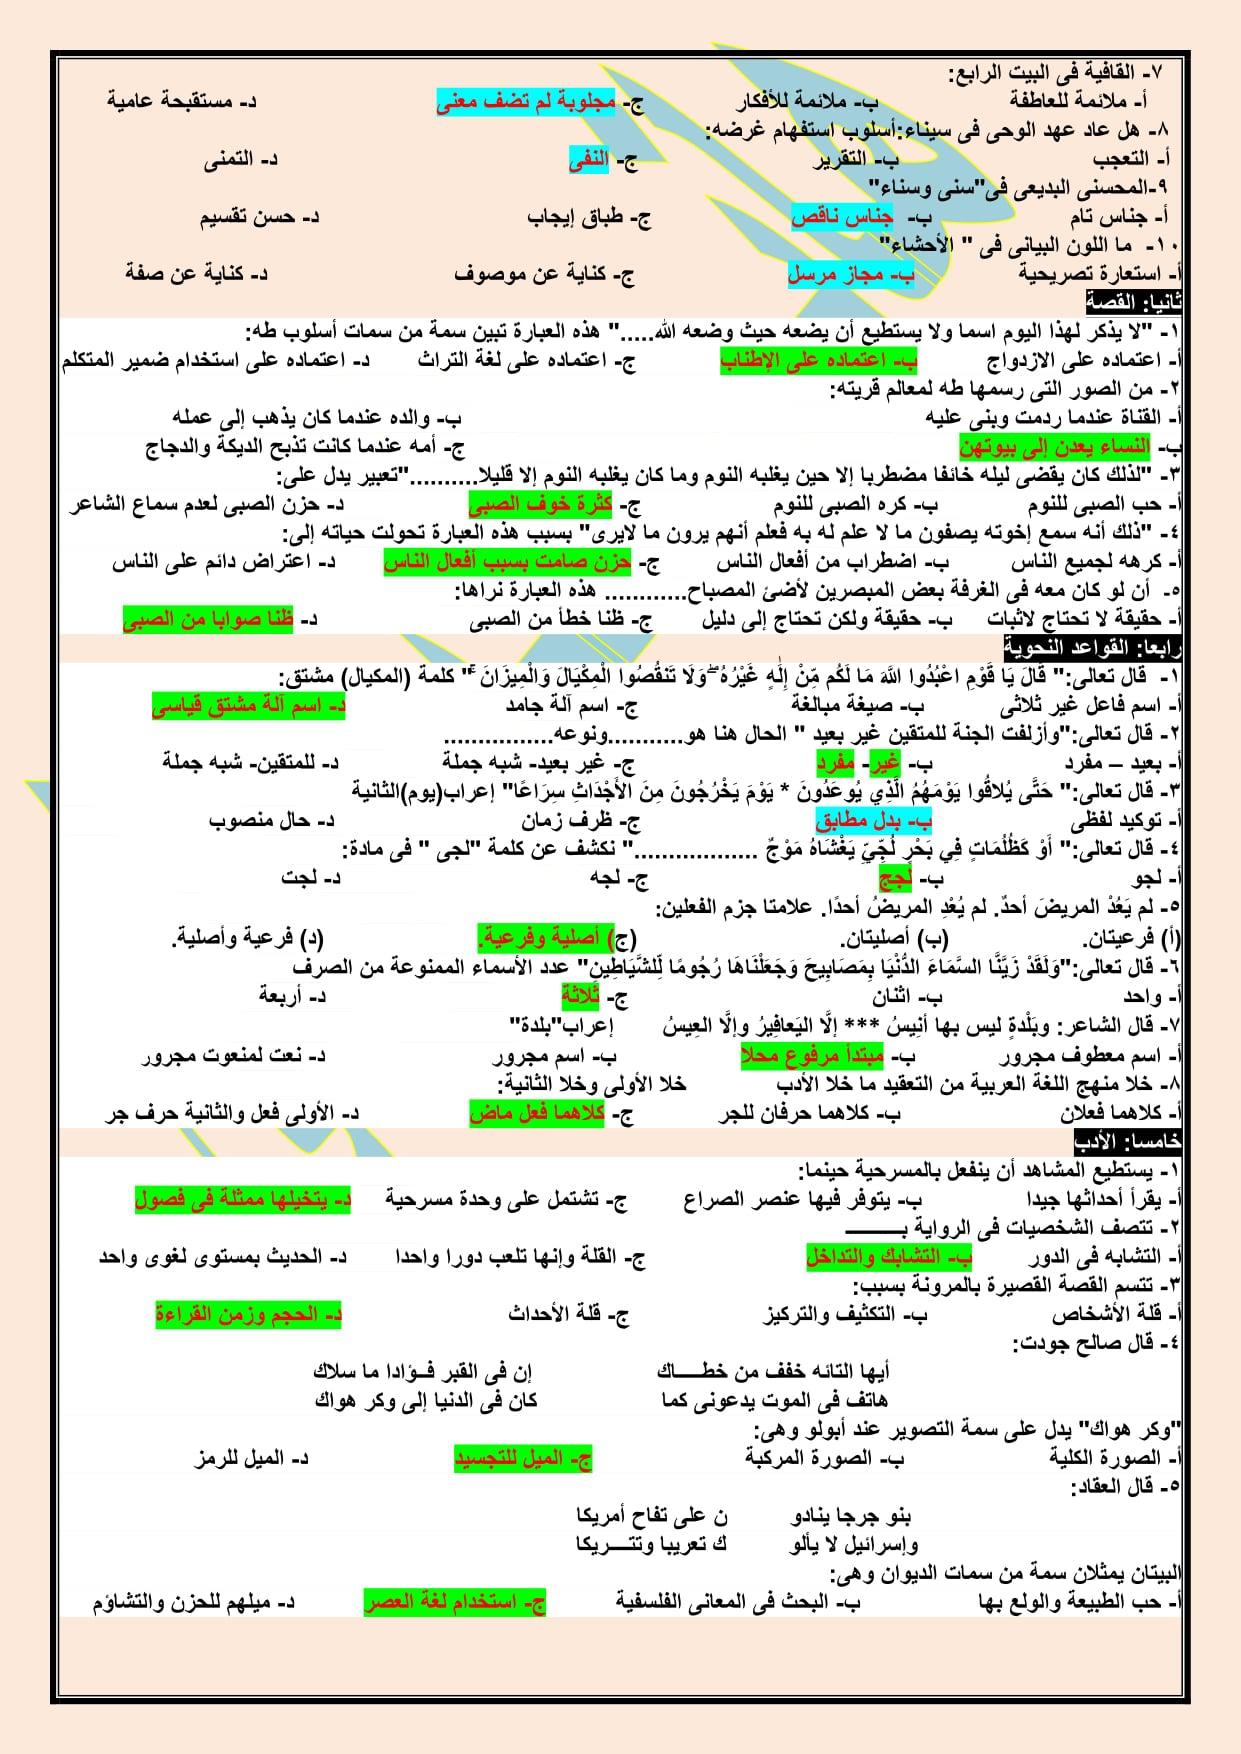 2 نموذج امتحان لغة عربية مجاب للصف الثالث الثانوي 2021 أ/ هاني الكردوني 19